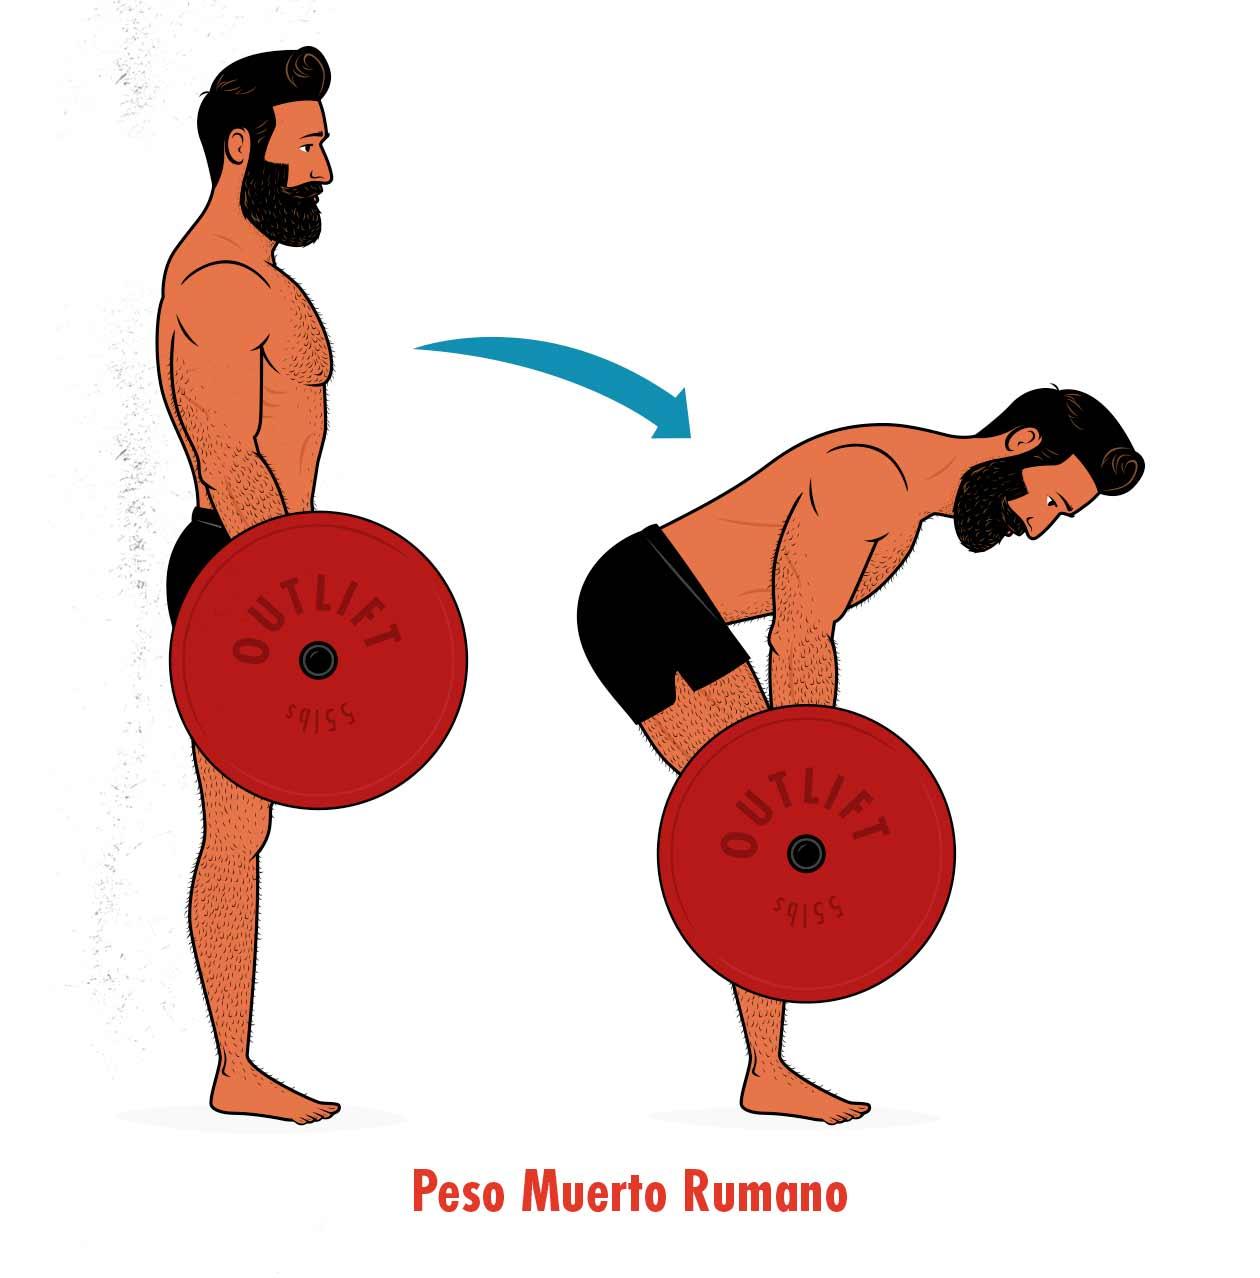 Ilustración de un hombre haciendo un peso muerto rumano.